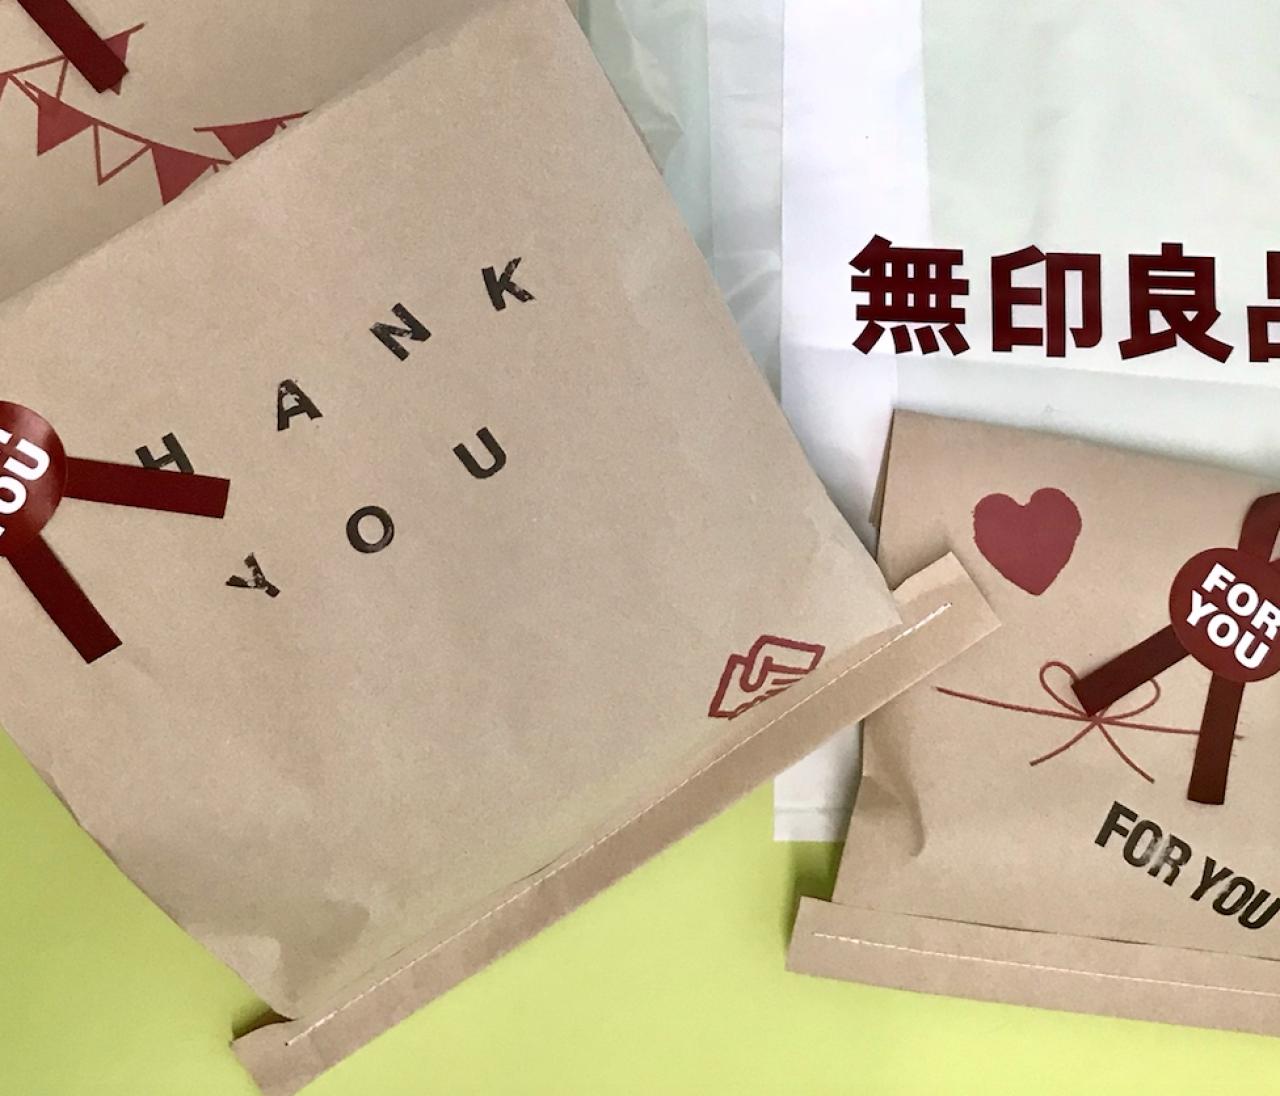 画像一覧 税込¥990以下♡【無印良品】のセンス満点バレンタインギフト8